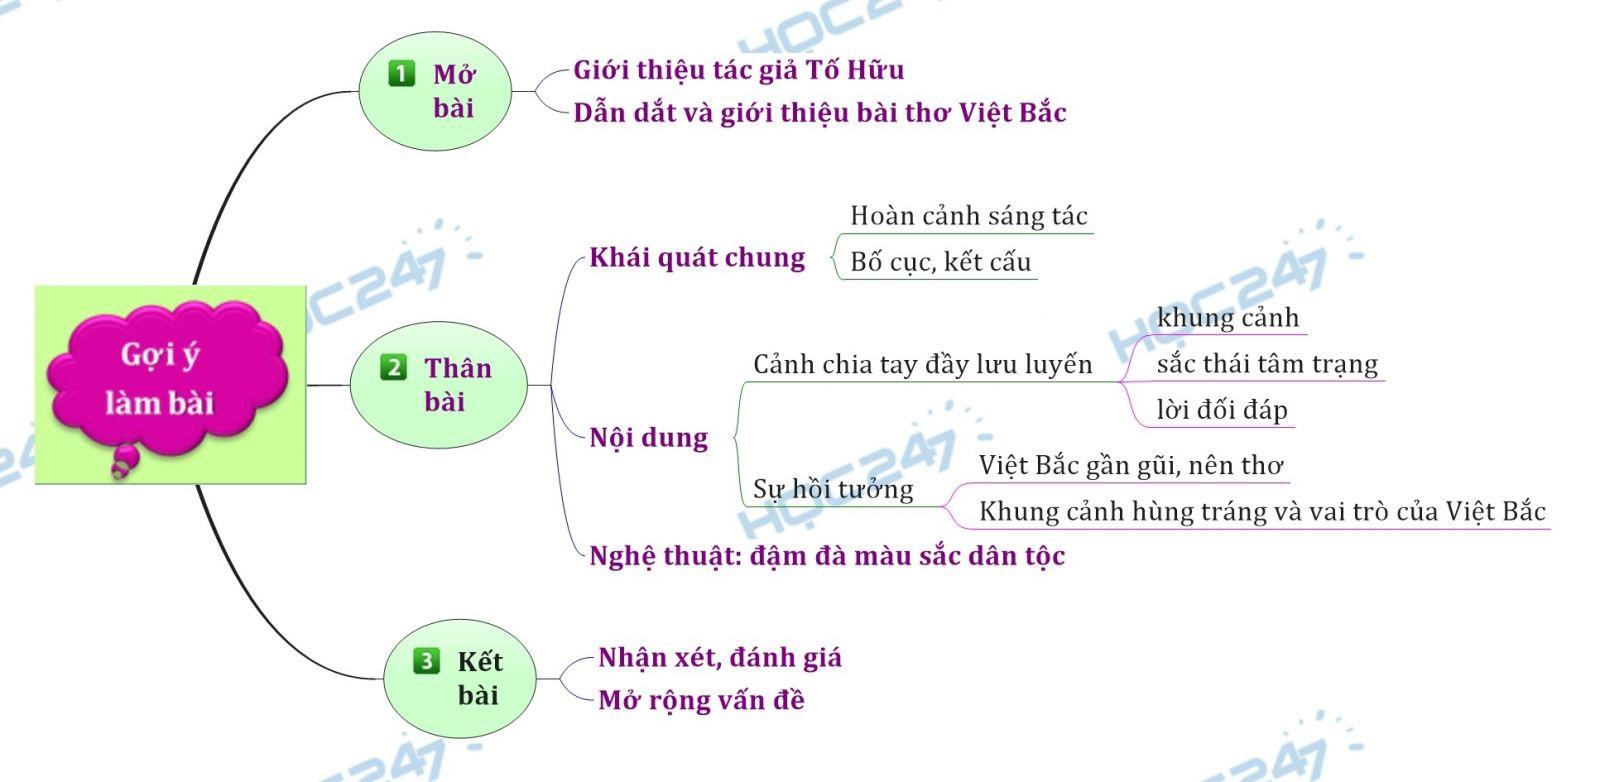 Sơ đồ tư duy - Phân tích bài thơ Việt Bắc